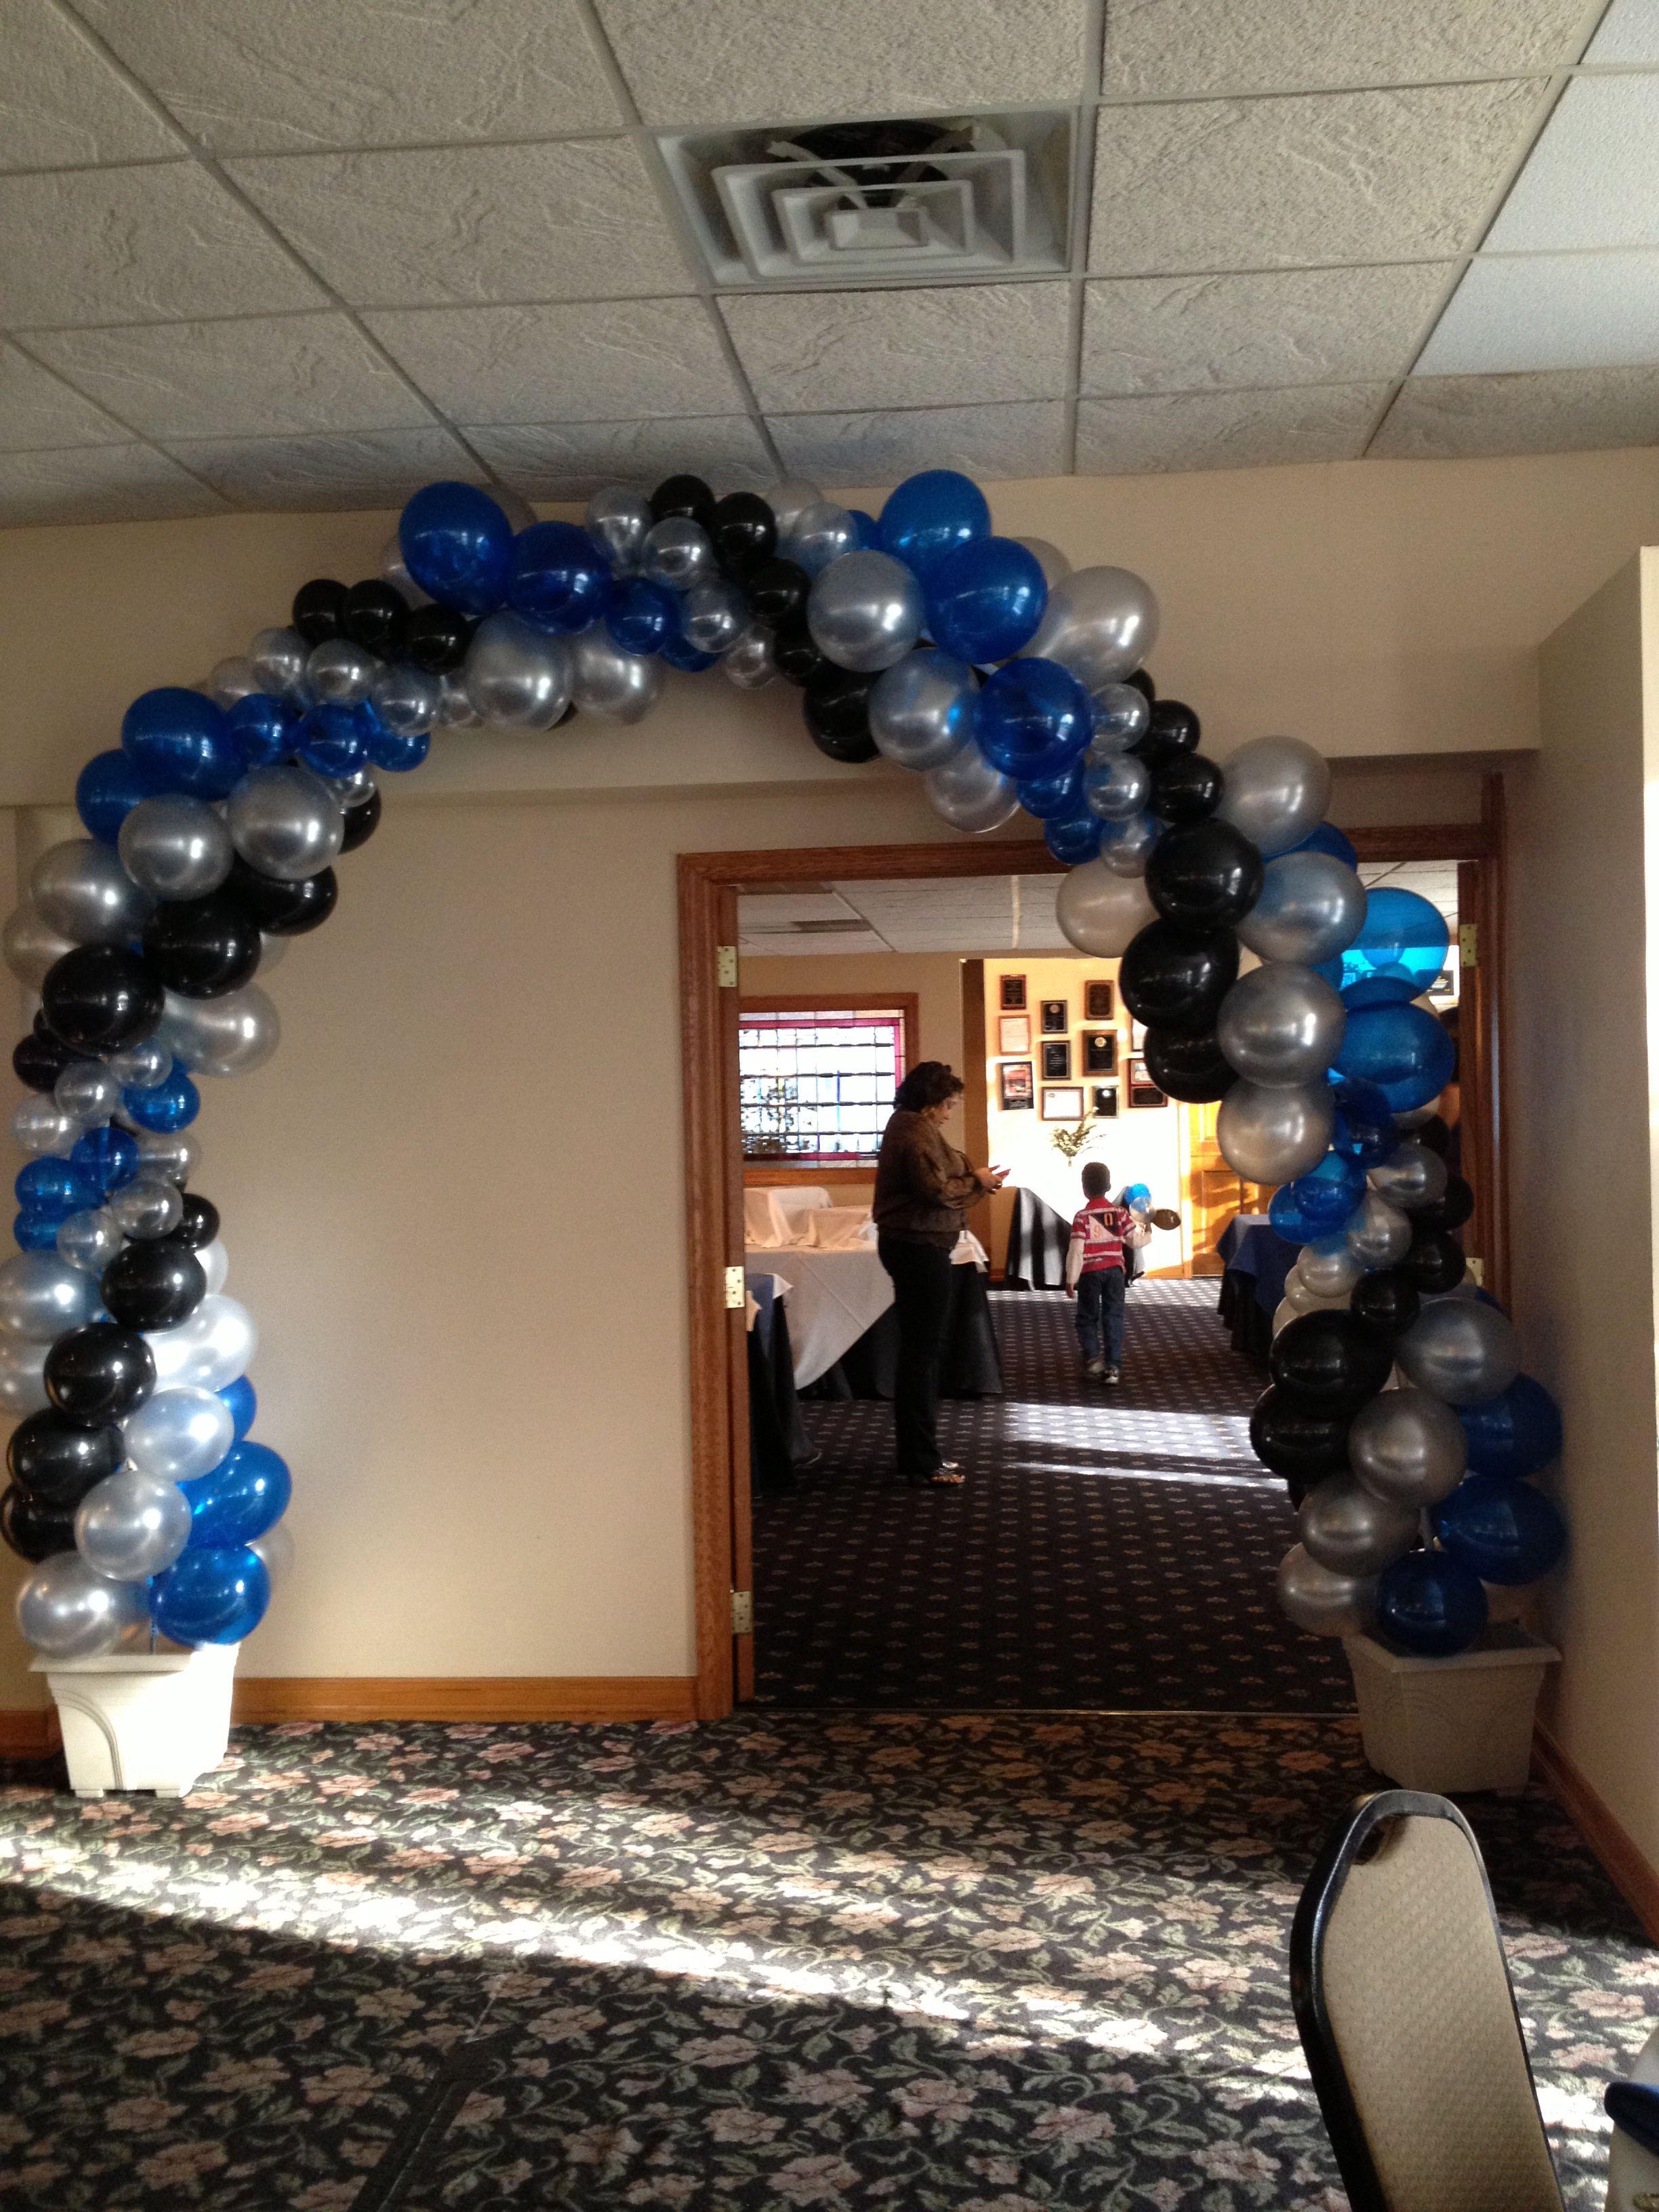 3 Color Swirl Arch Sapphire Blue Black And Silver Decoración Con Globos Globos Decoración De Unas